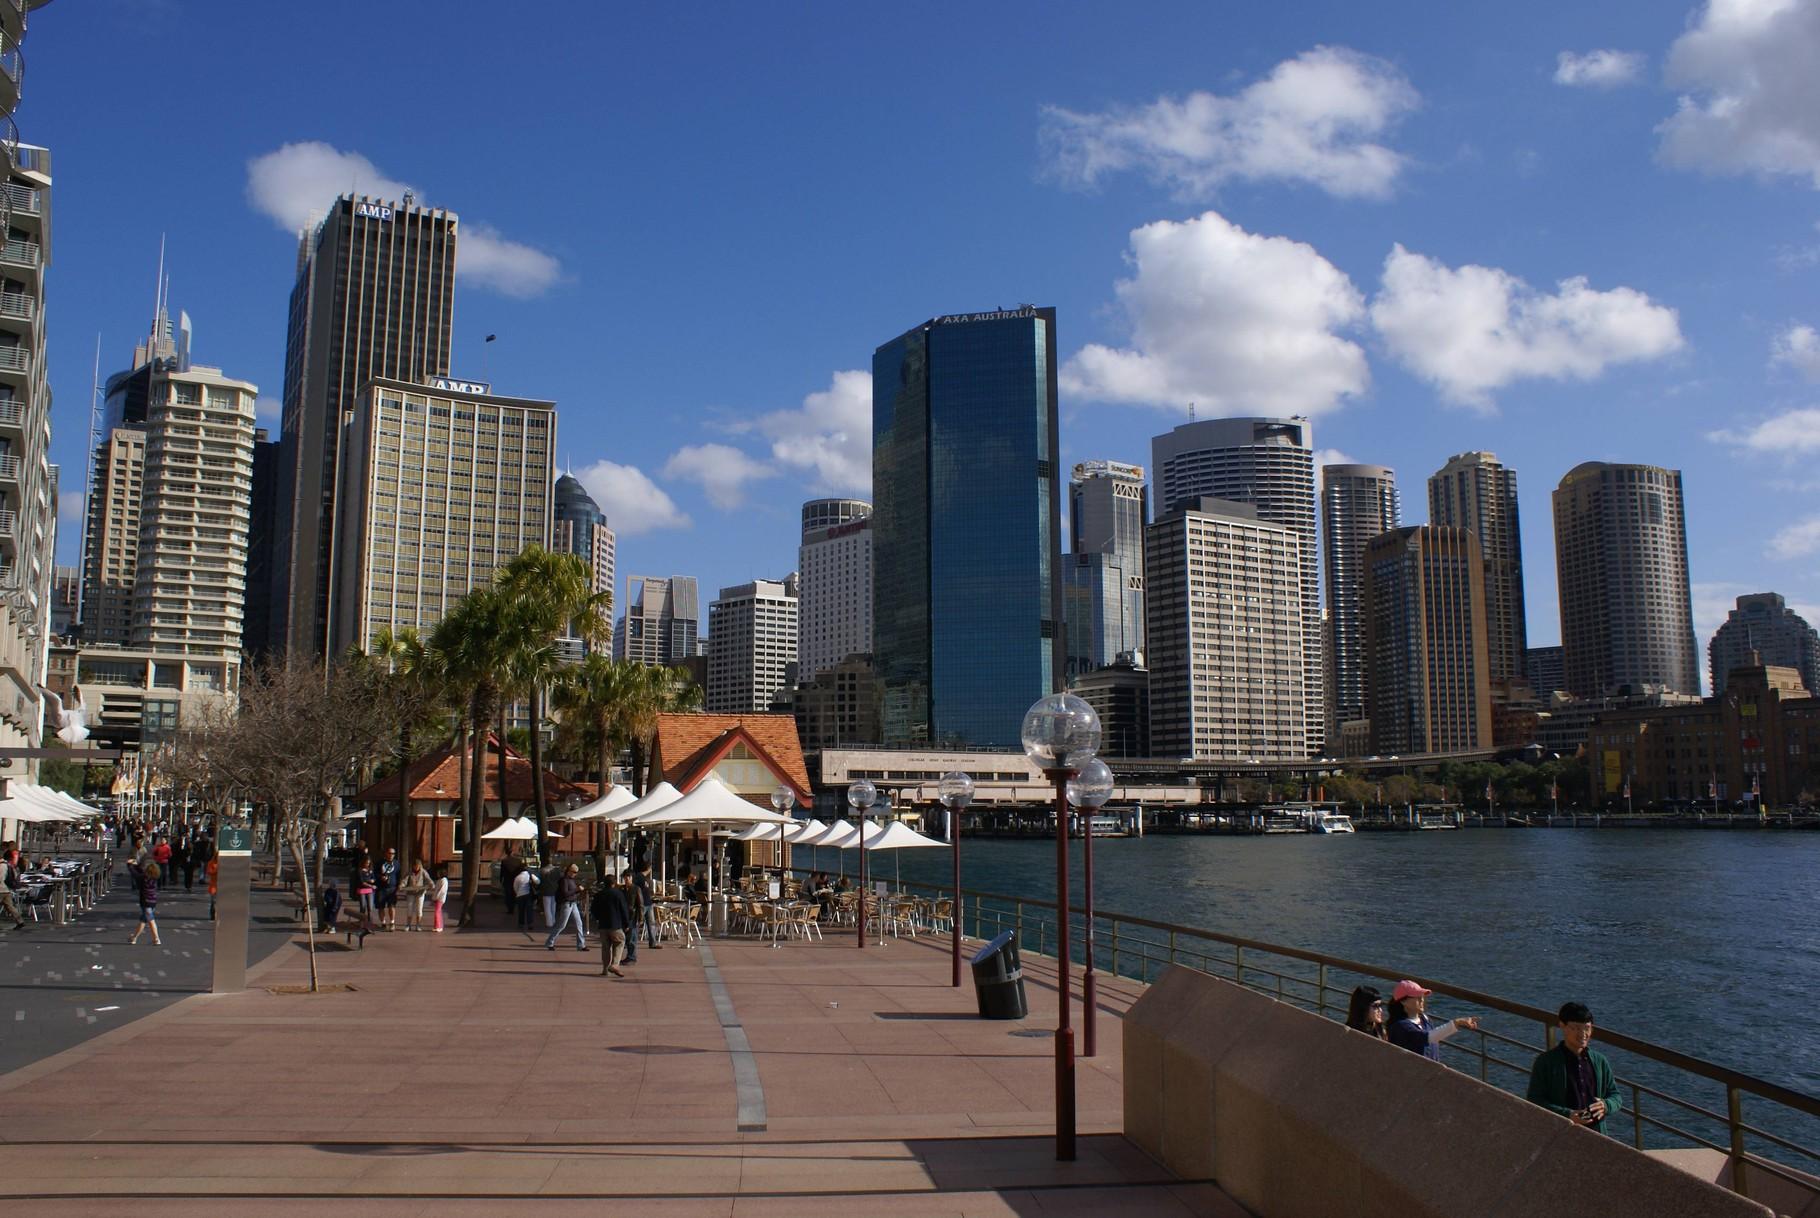 Hafen bei der Oper in Sydney, NSW